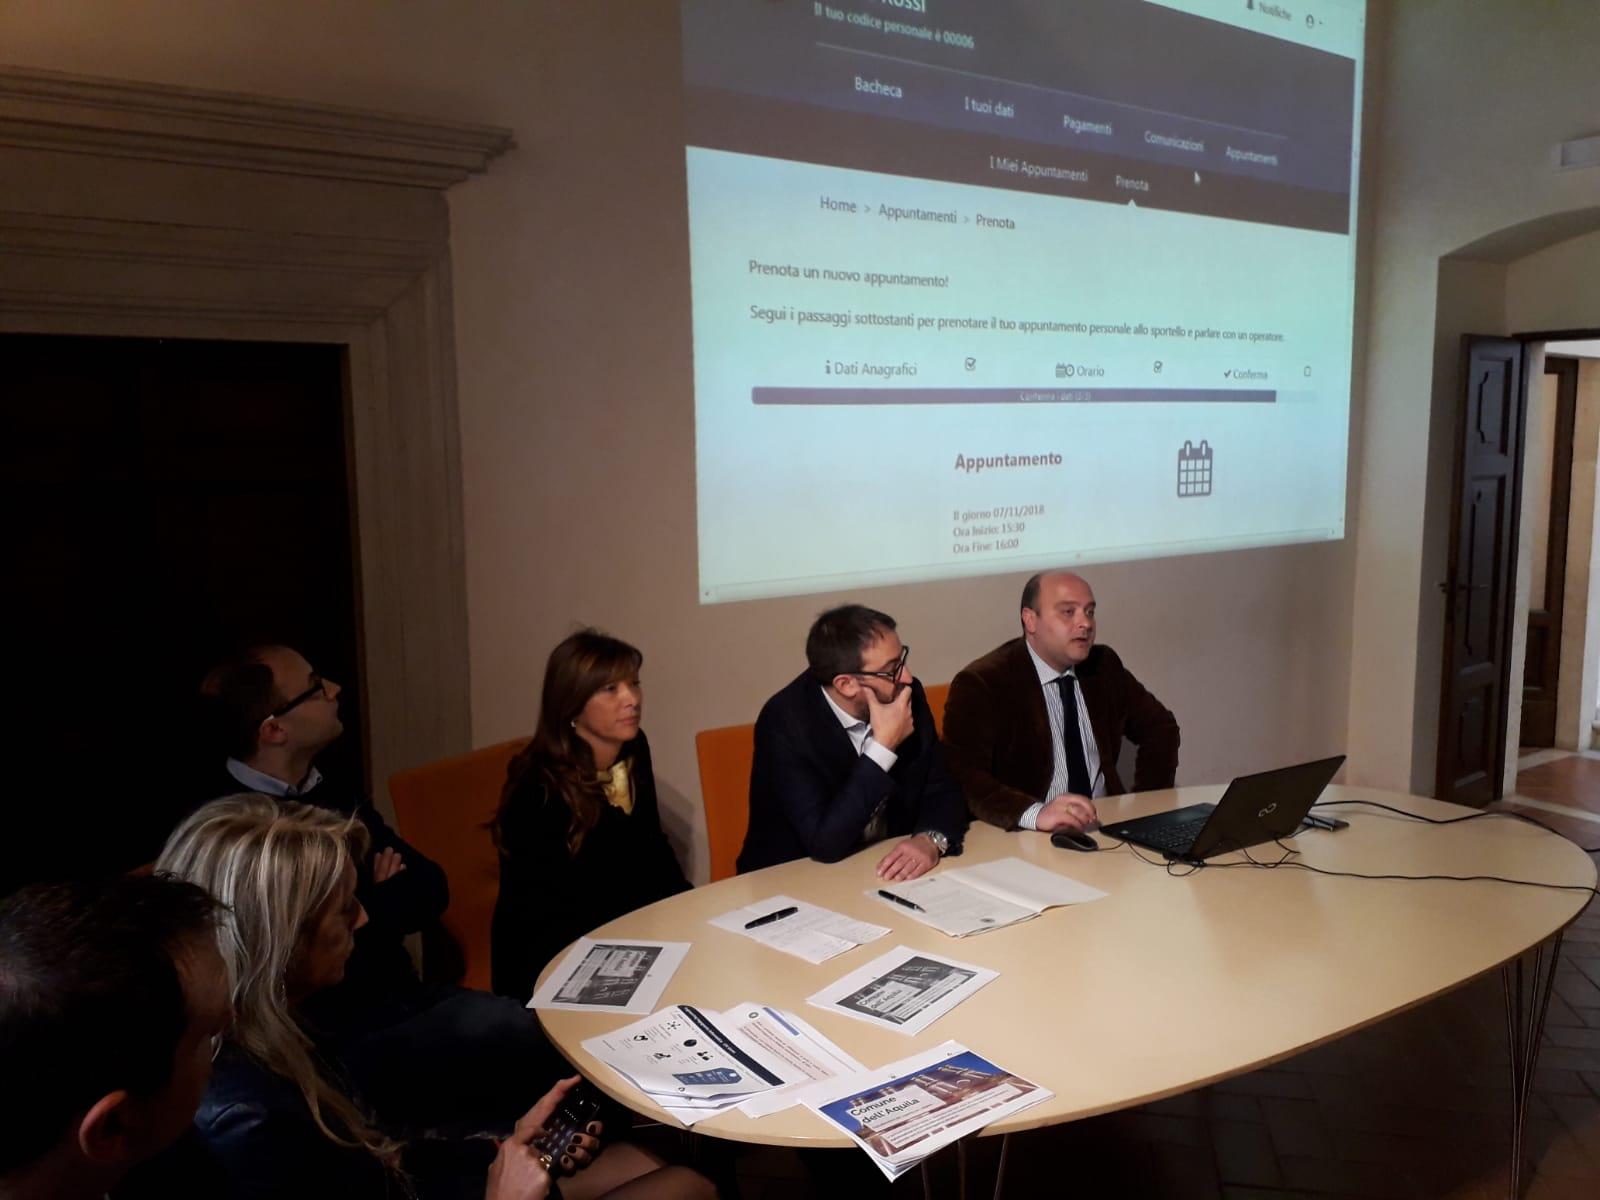 Presentazione progetto digitalizzazione